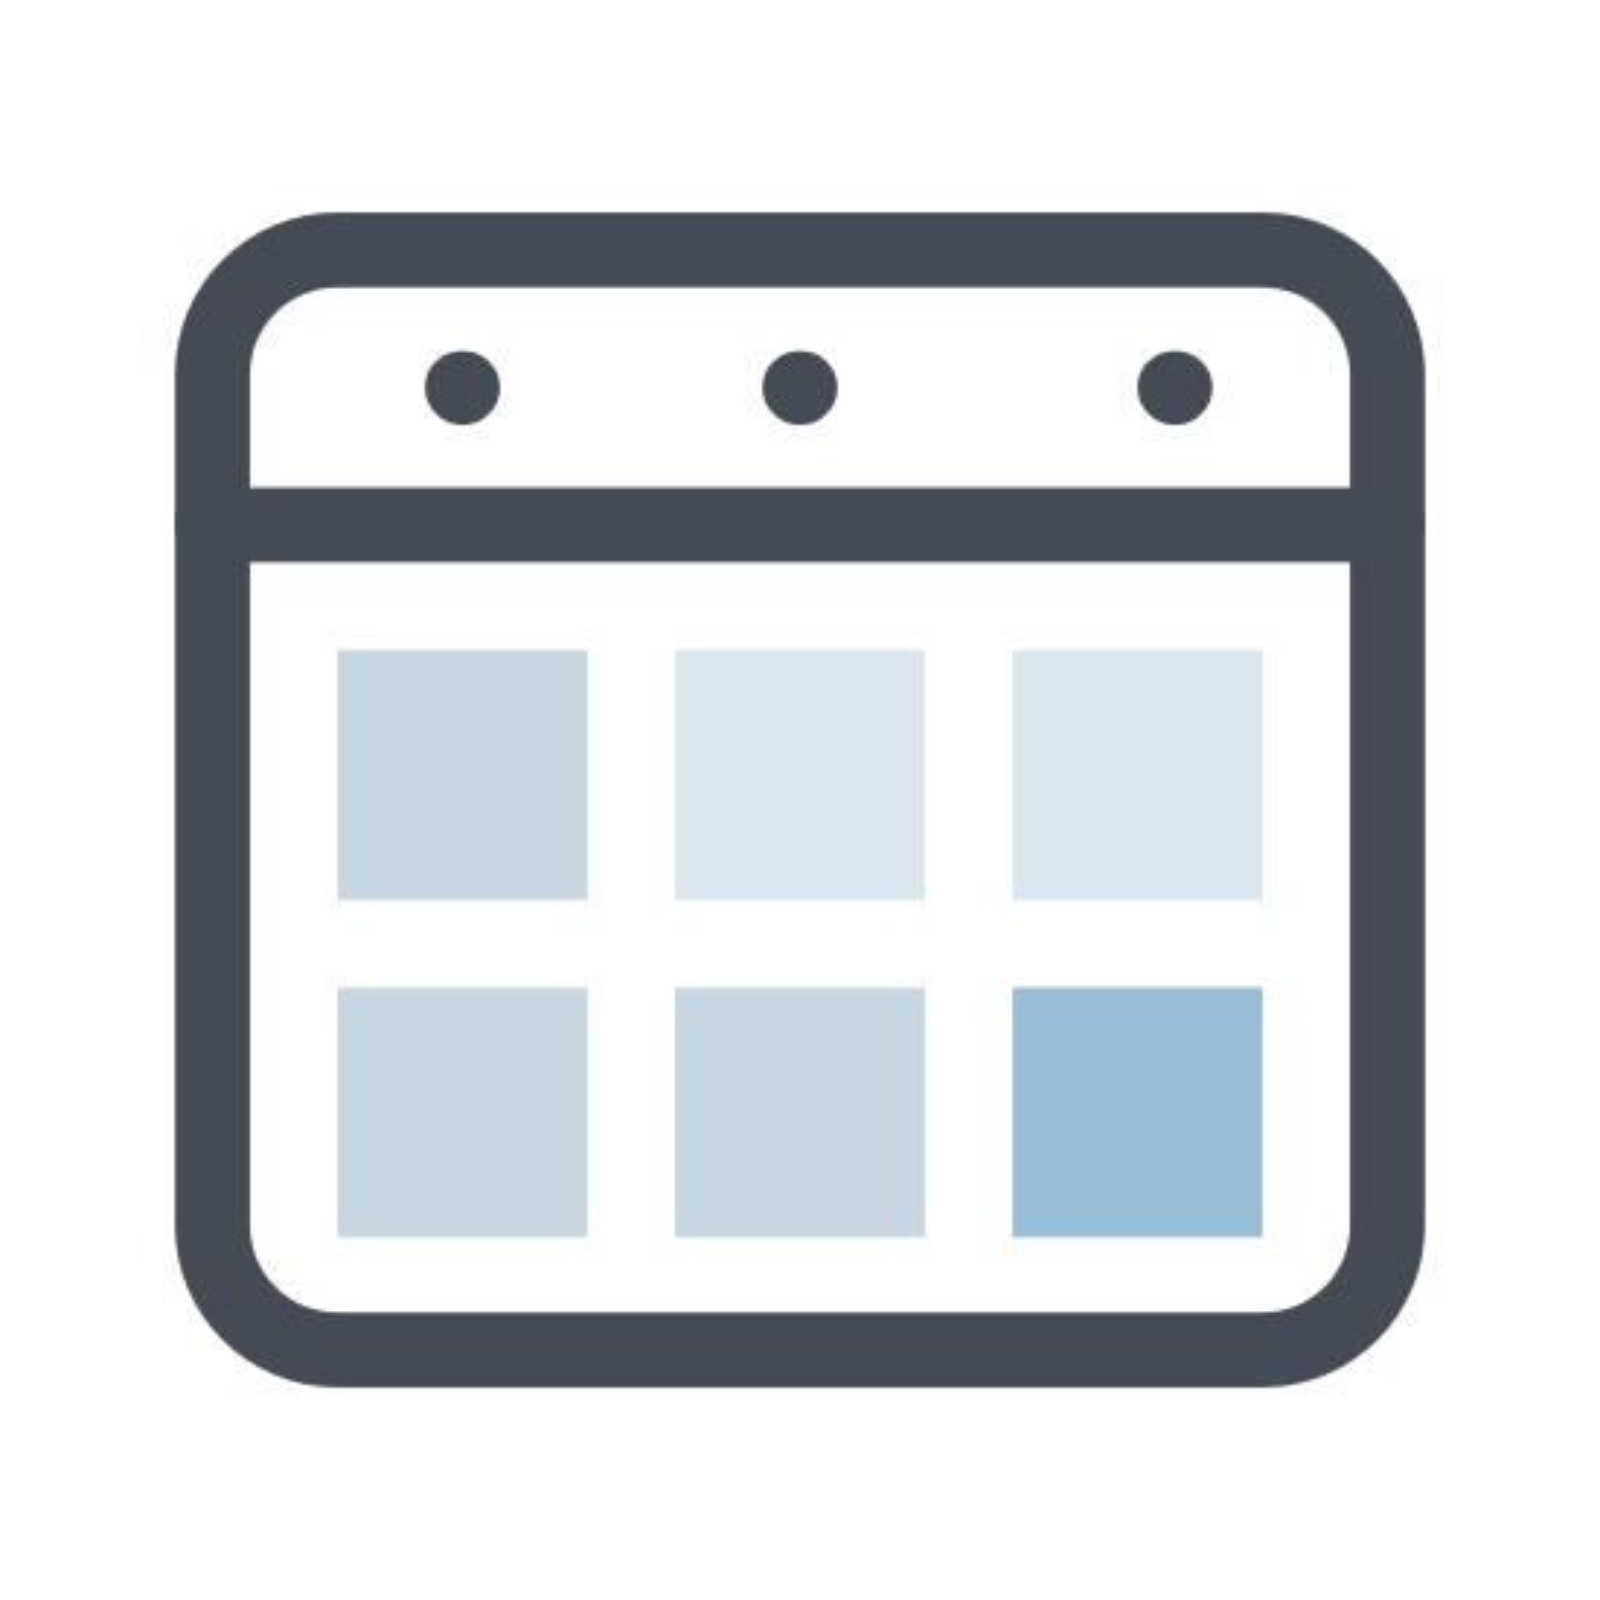 Kalendarz bloczkowy icon